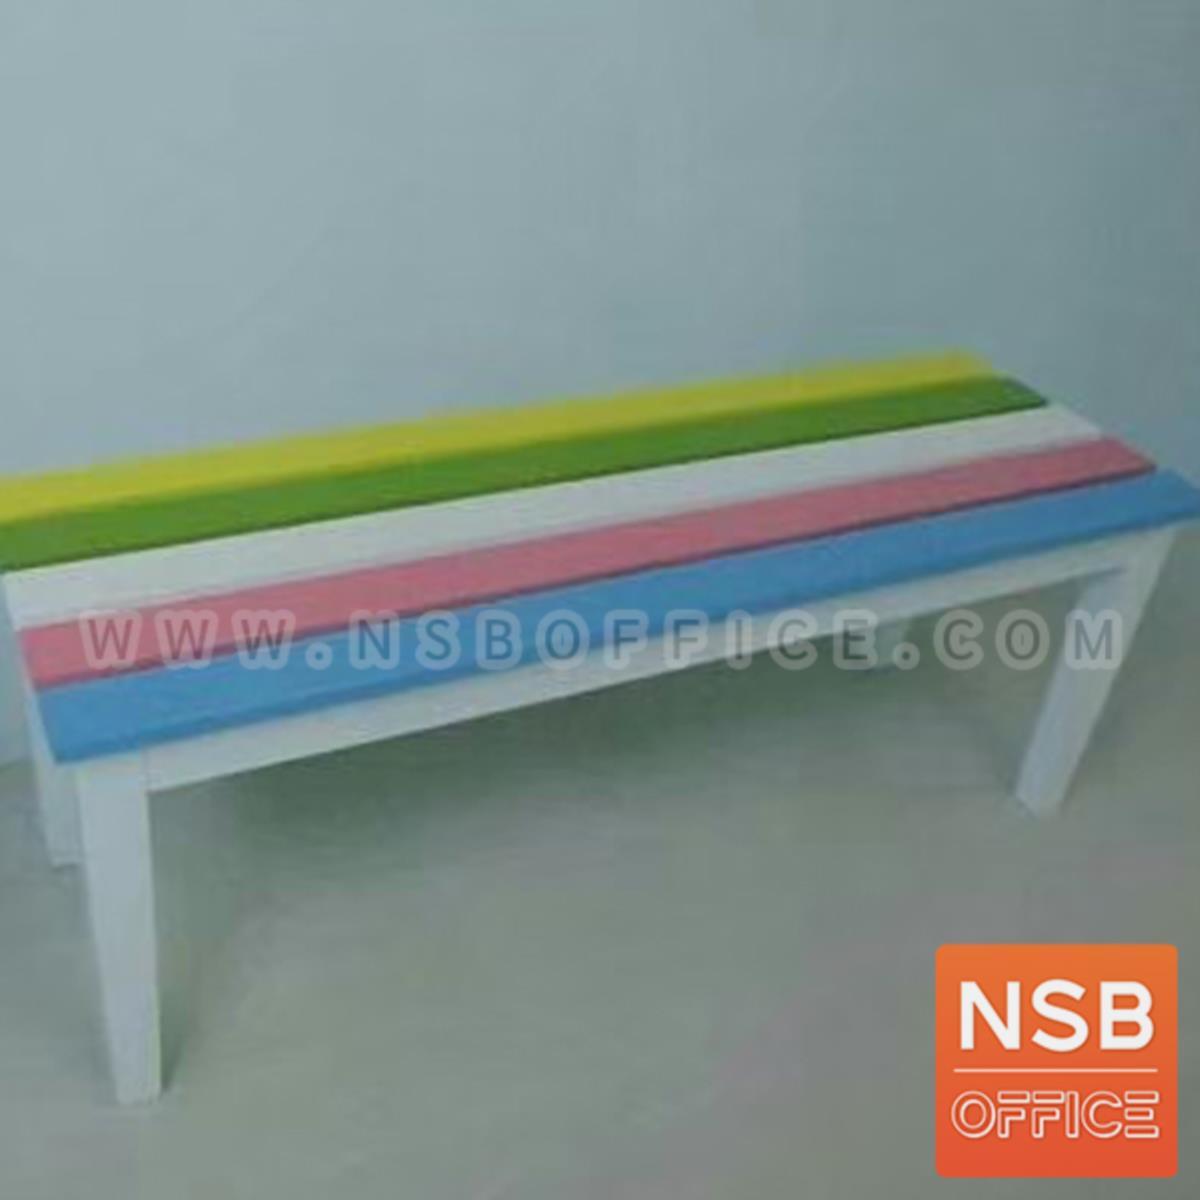 G20A025:เก้าอี้สนามไม้ระแนง รุ่น Della (เดลล่า) ขนาด 120W*45H cm.